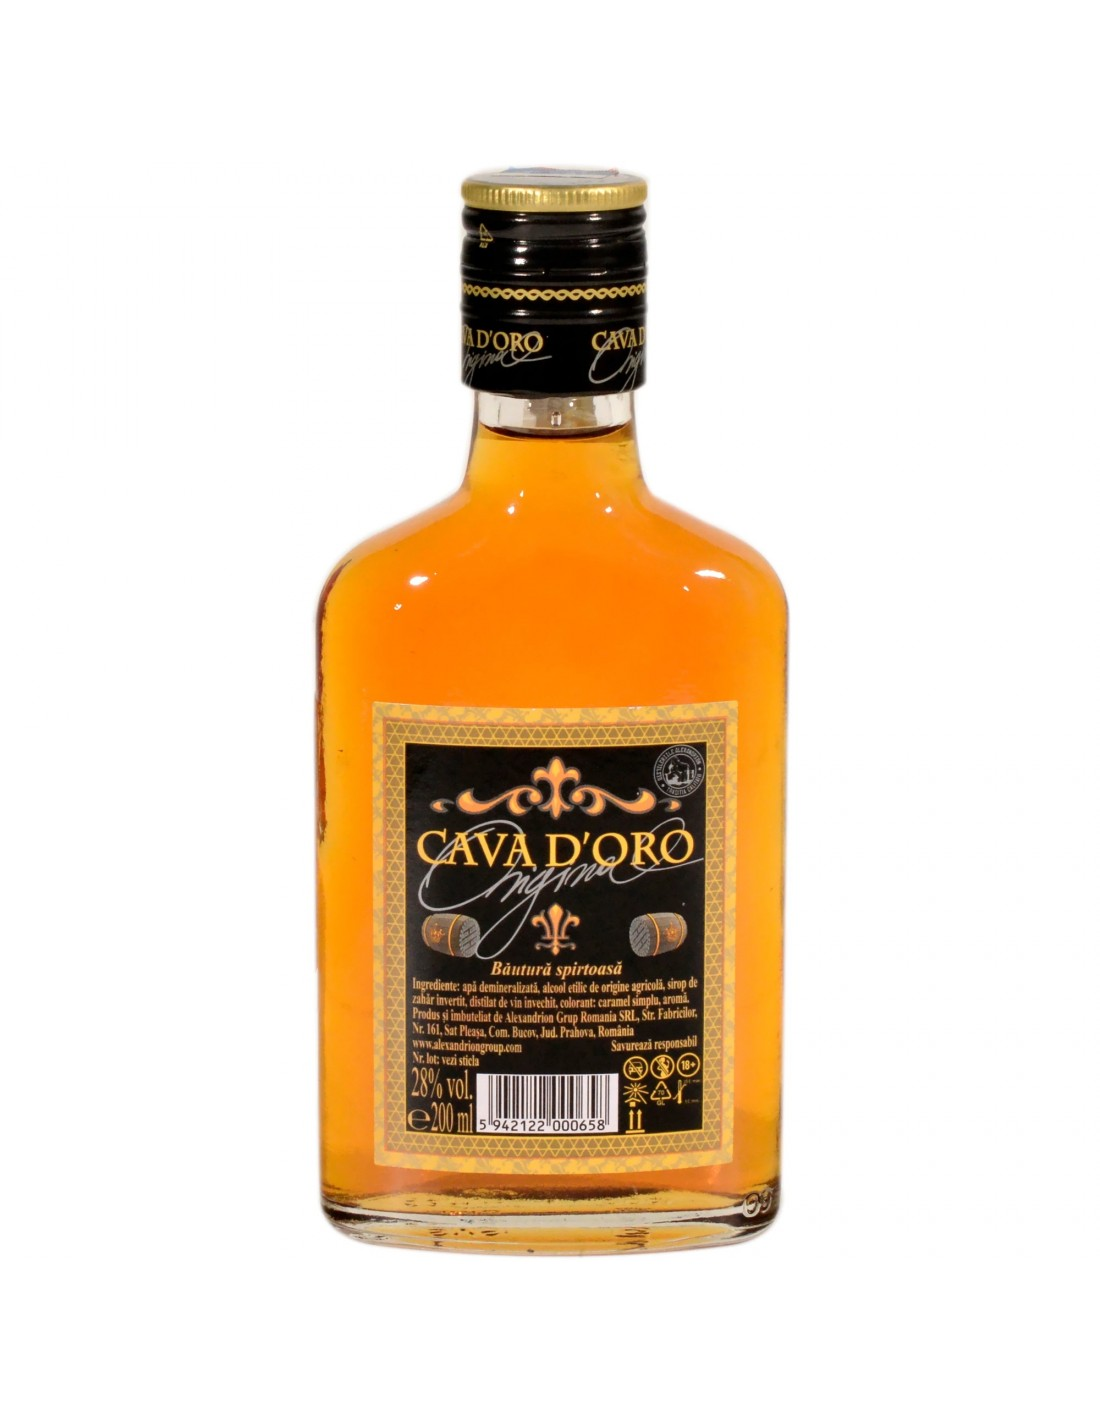 Brandy Cava Doro, 28% alc., 0.2L